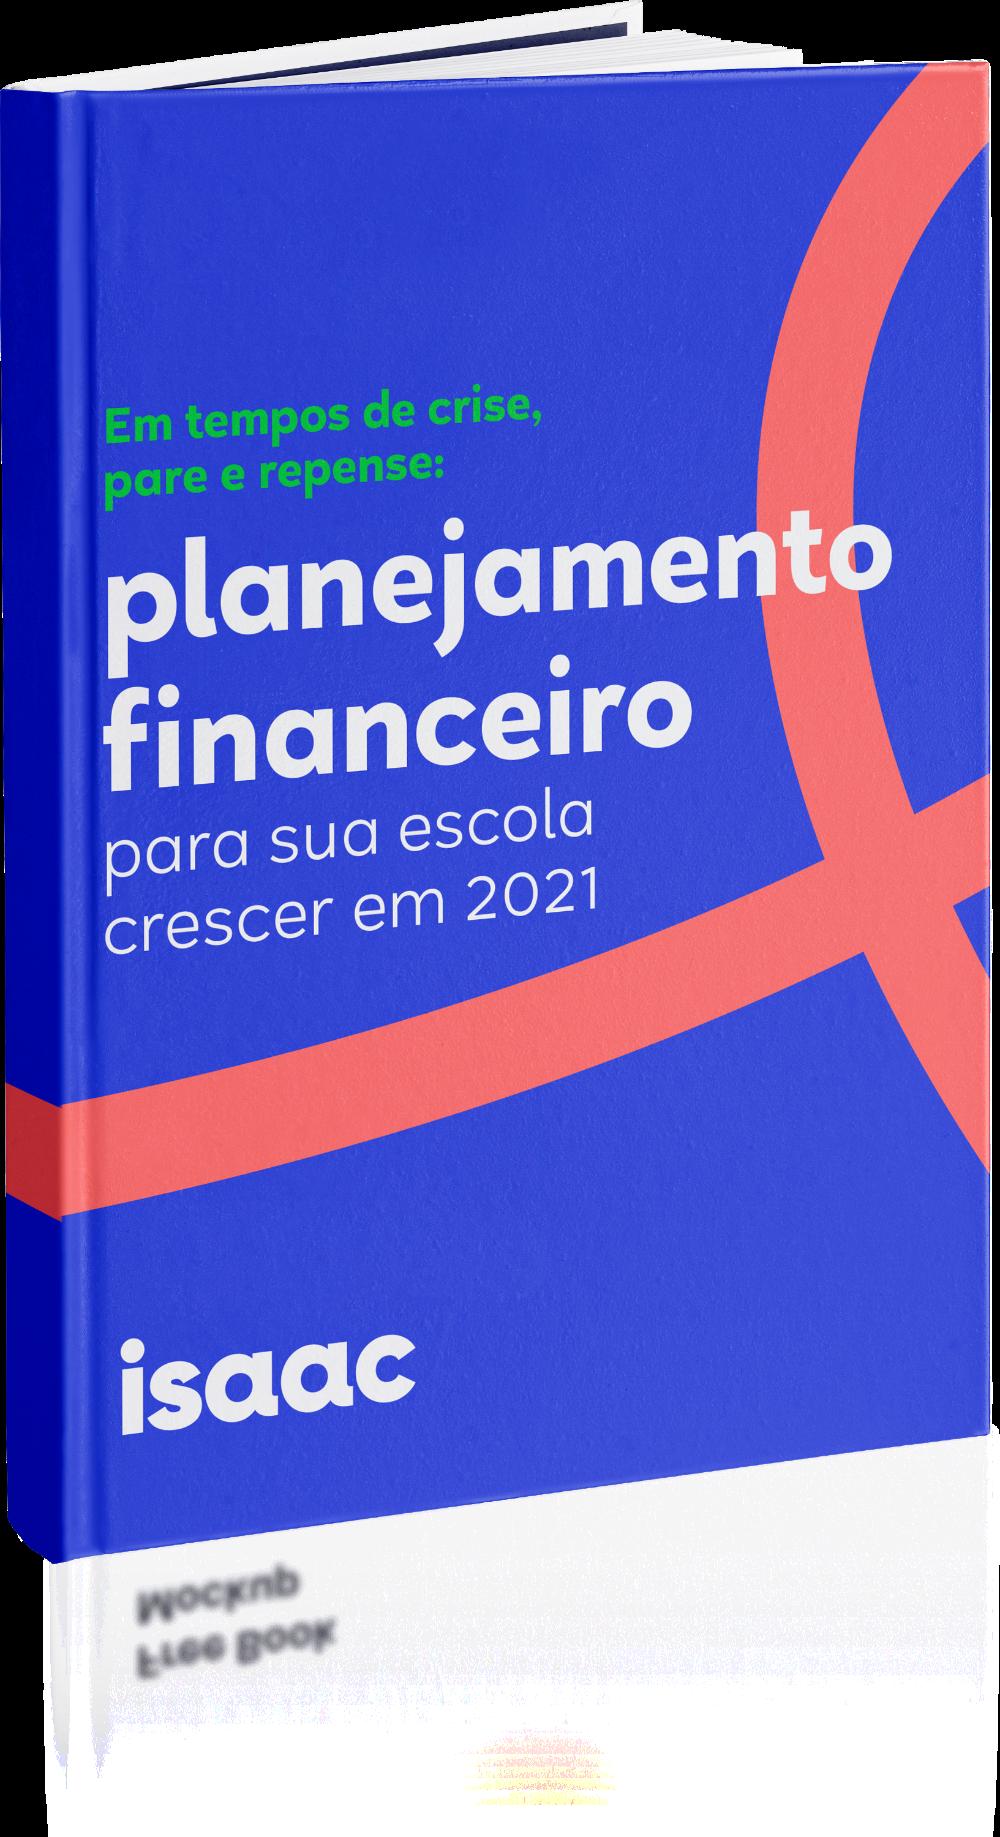 Ebook Planejamento financeiro para sua escola crescer em 2021